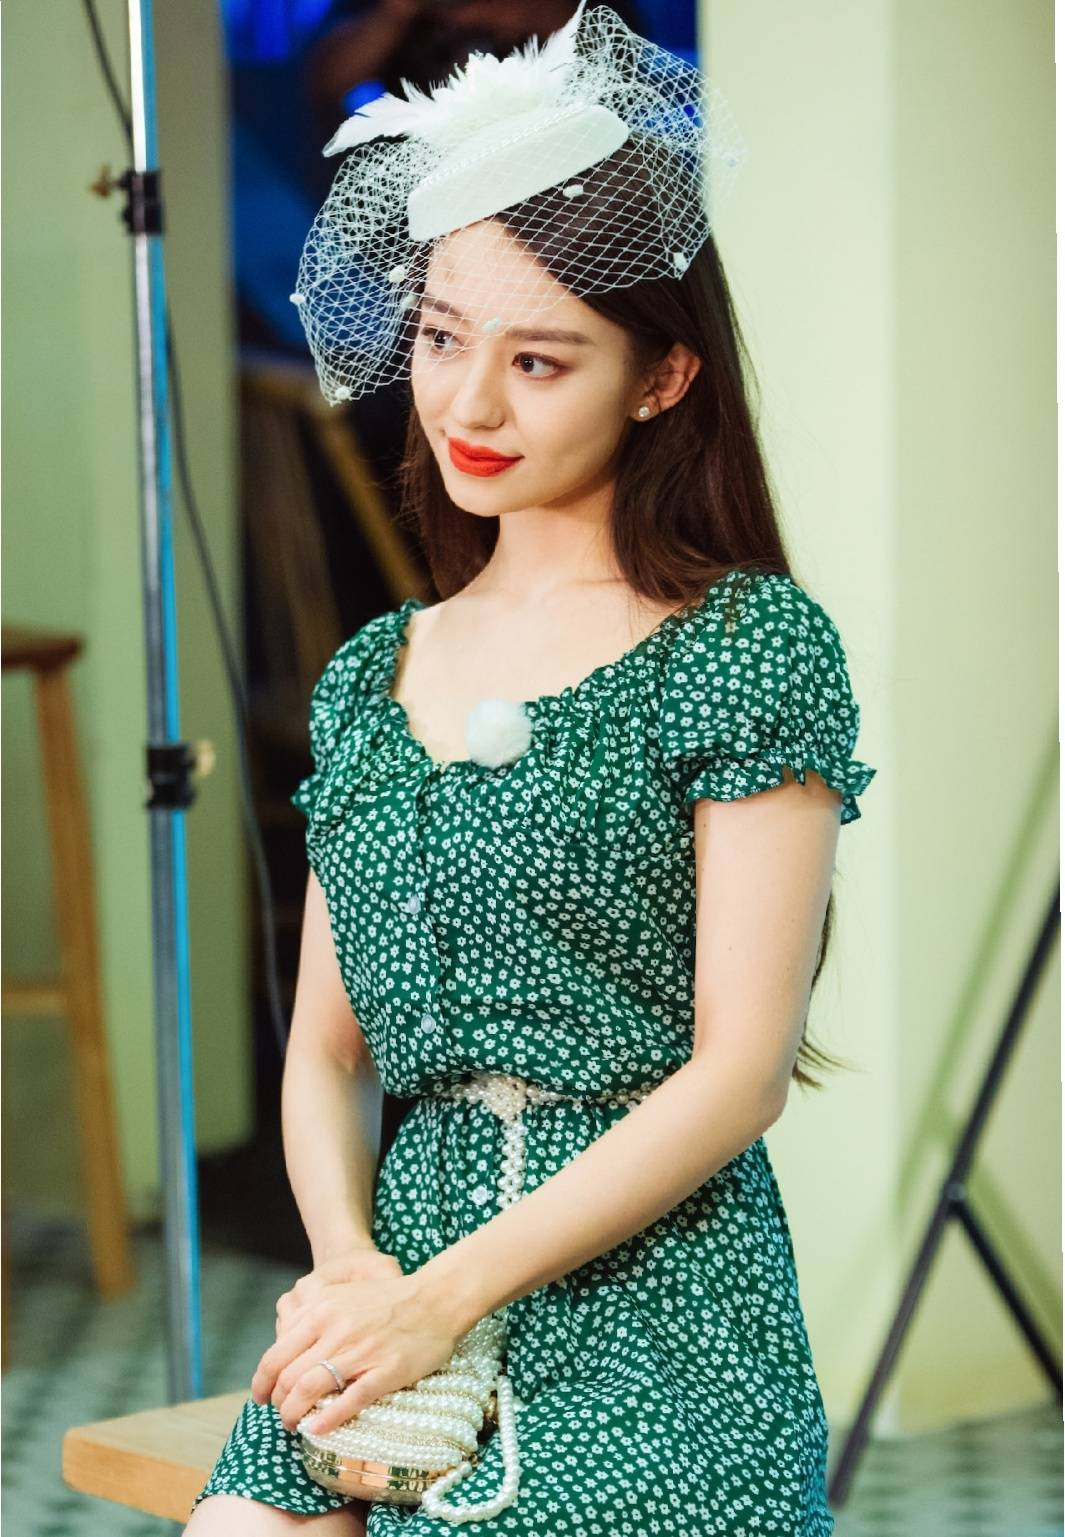 原创             吉娜美翻了,绿色碎花裙配白色网纱帽,打造复古名媛风